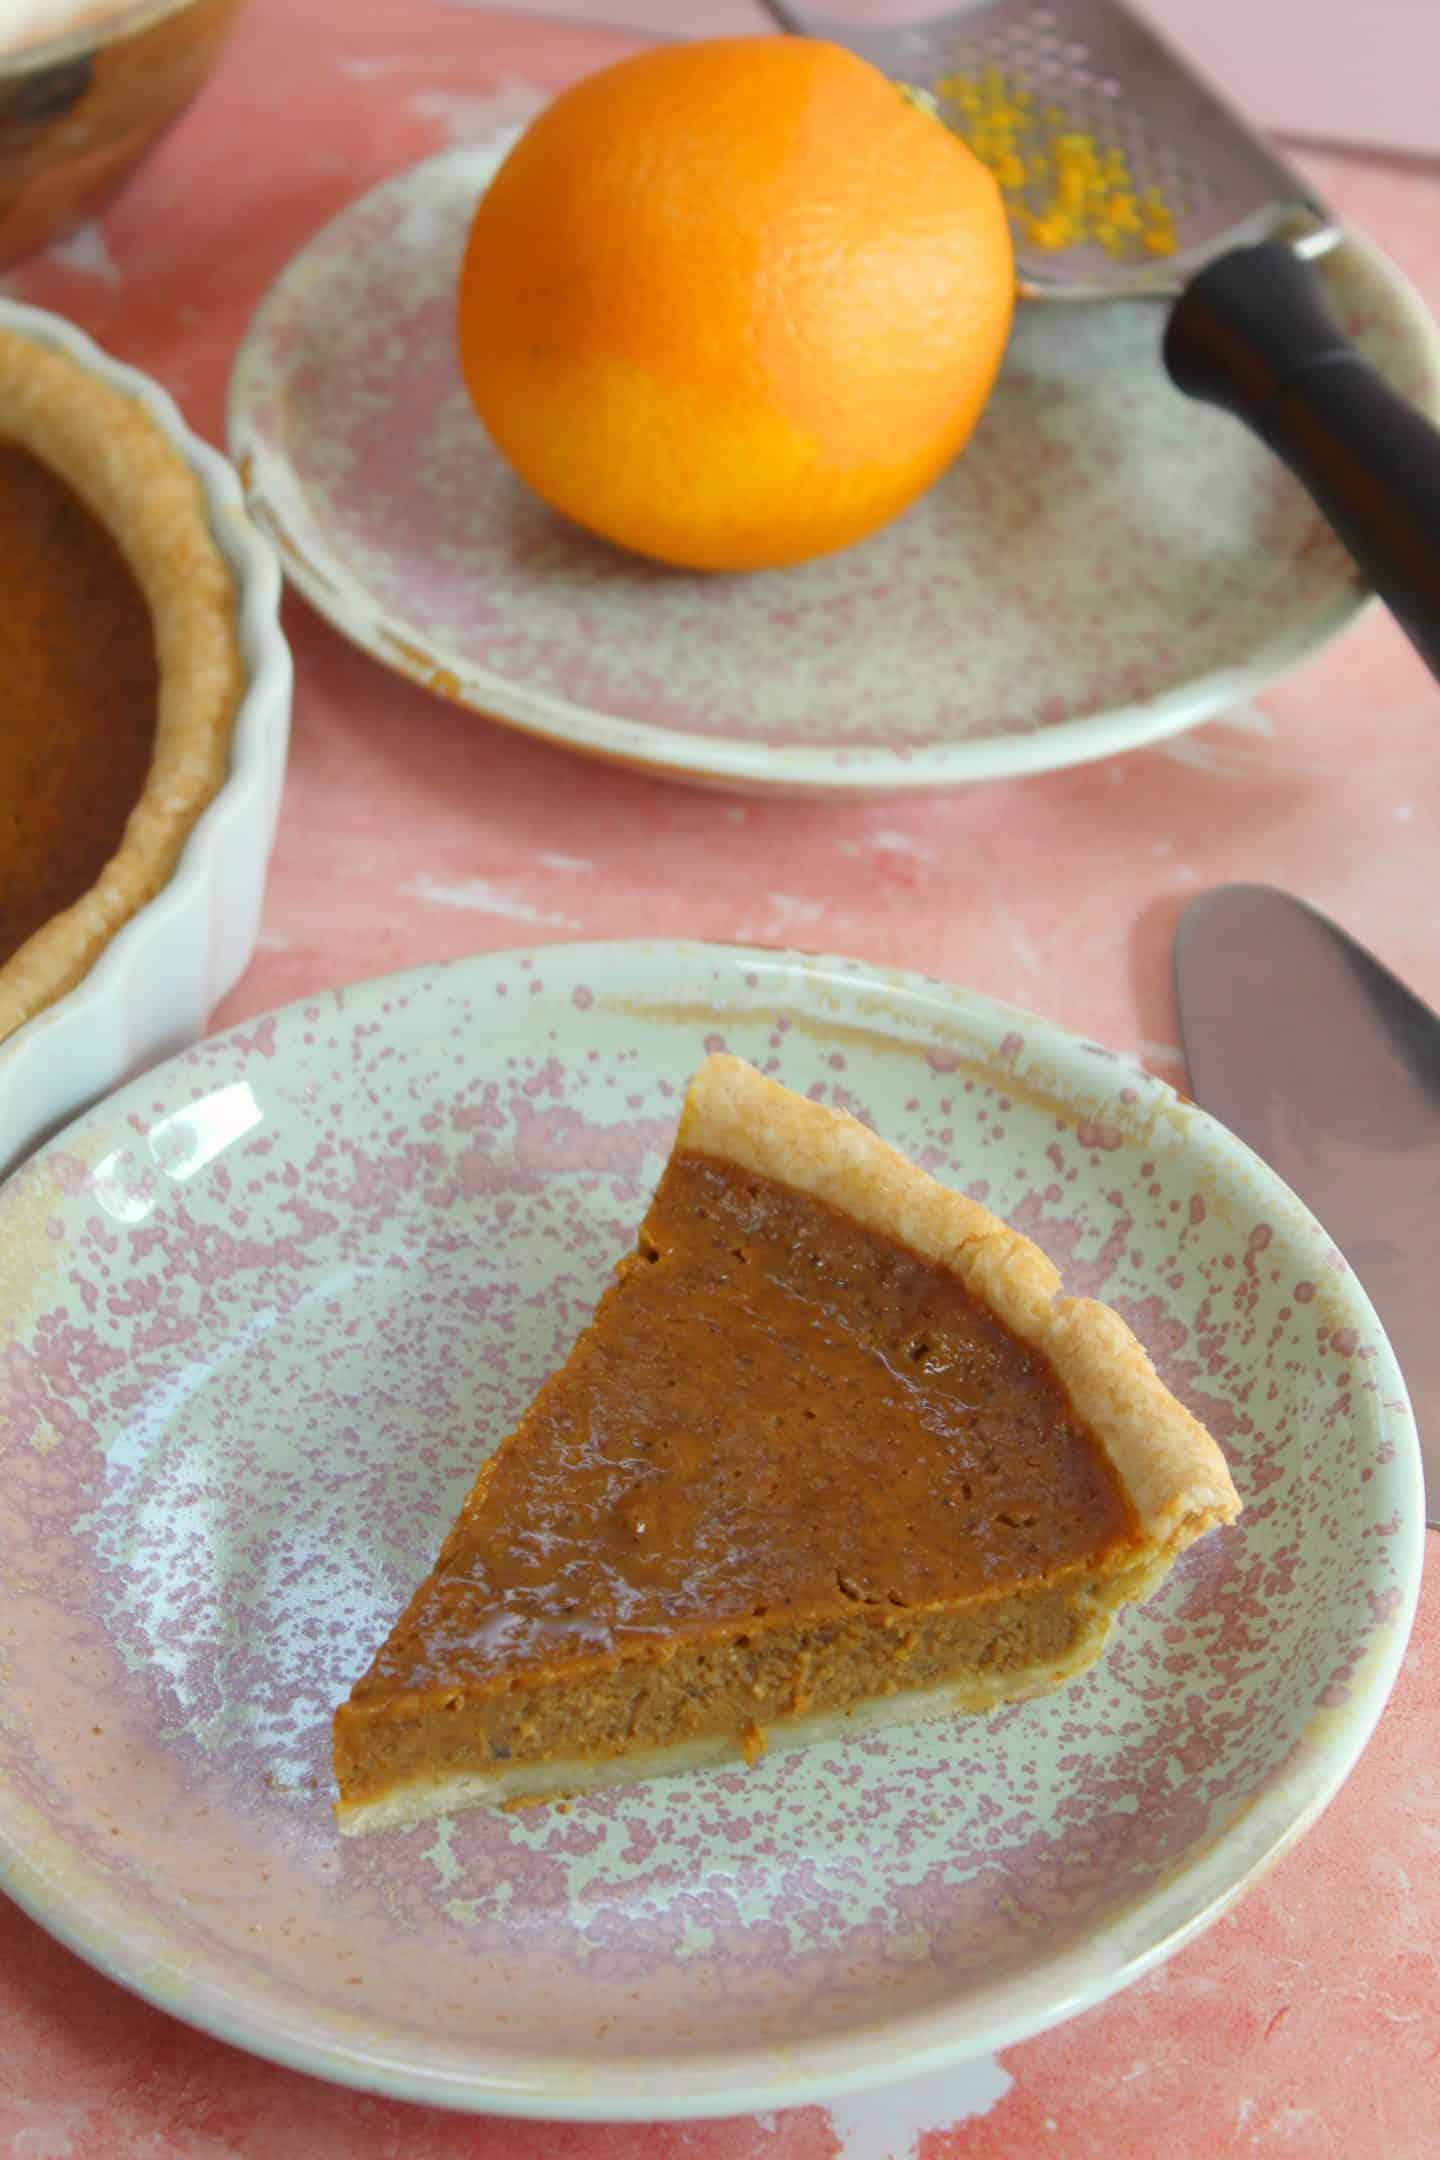 Gluten free pumpkin pie recipe